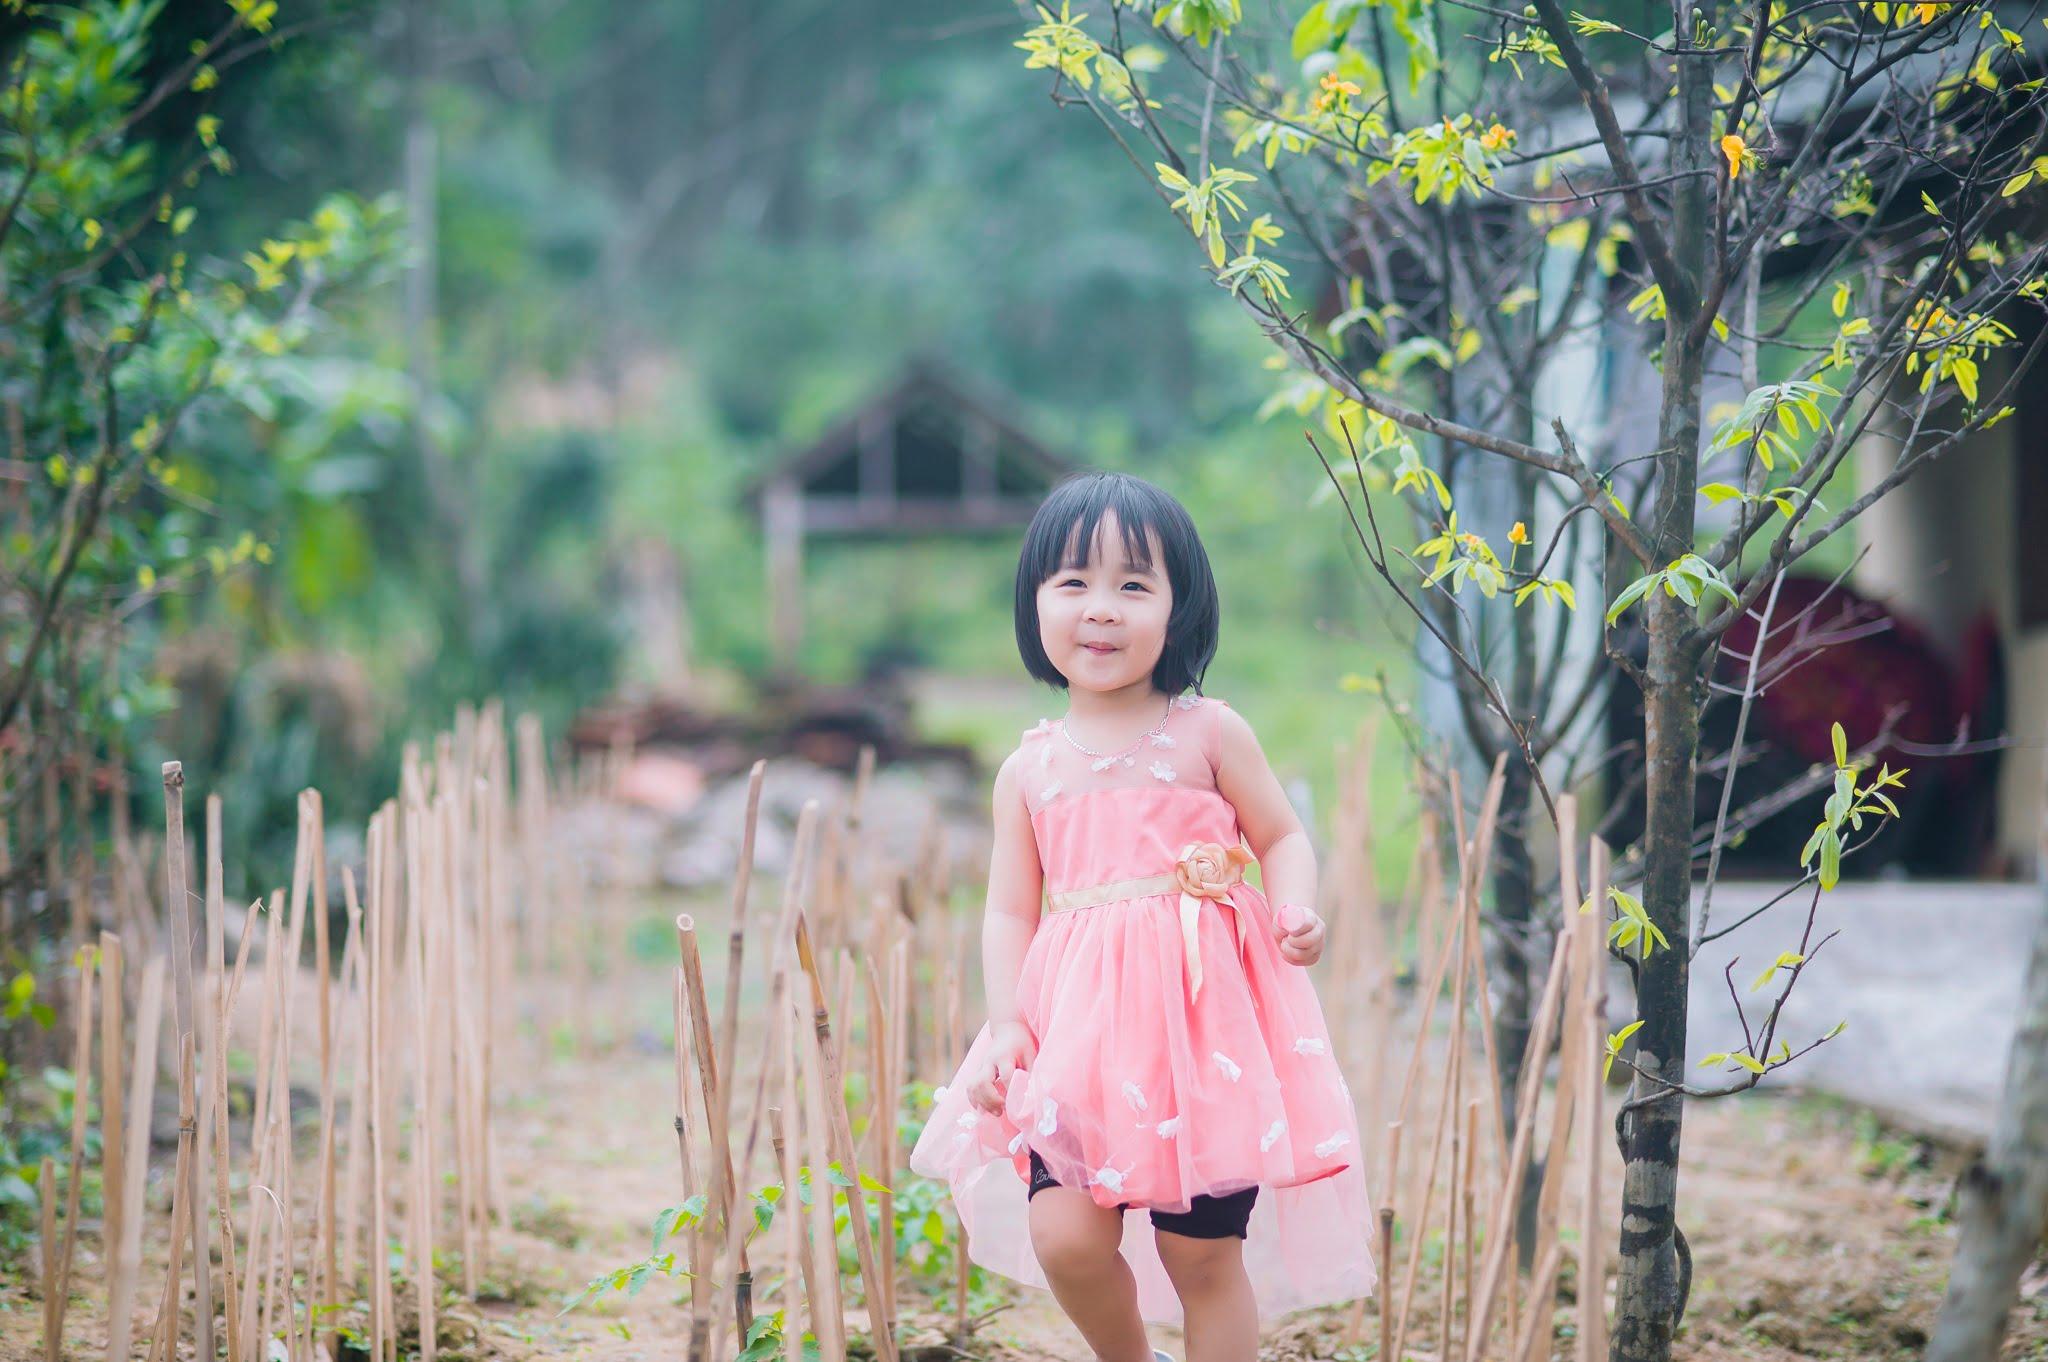 li 2 - Ảnh chụp bé Xuân Nhi Tp. Đà Nẵng